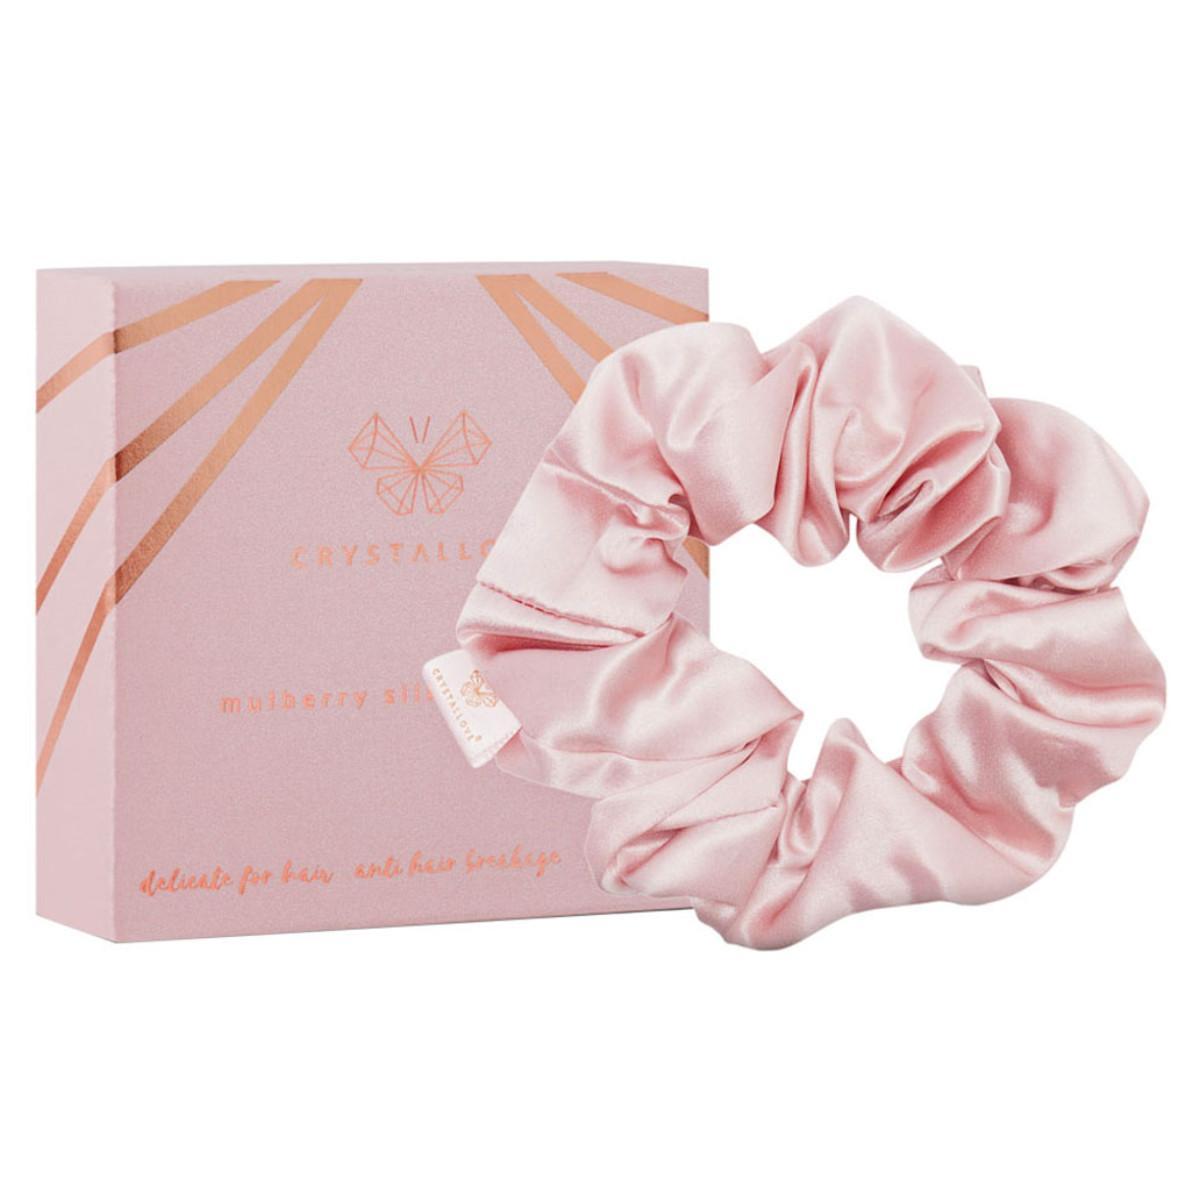 Crystallove Hedvábná gumička na vlasy, růžová 1 ks